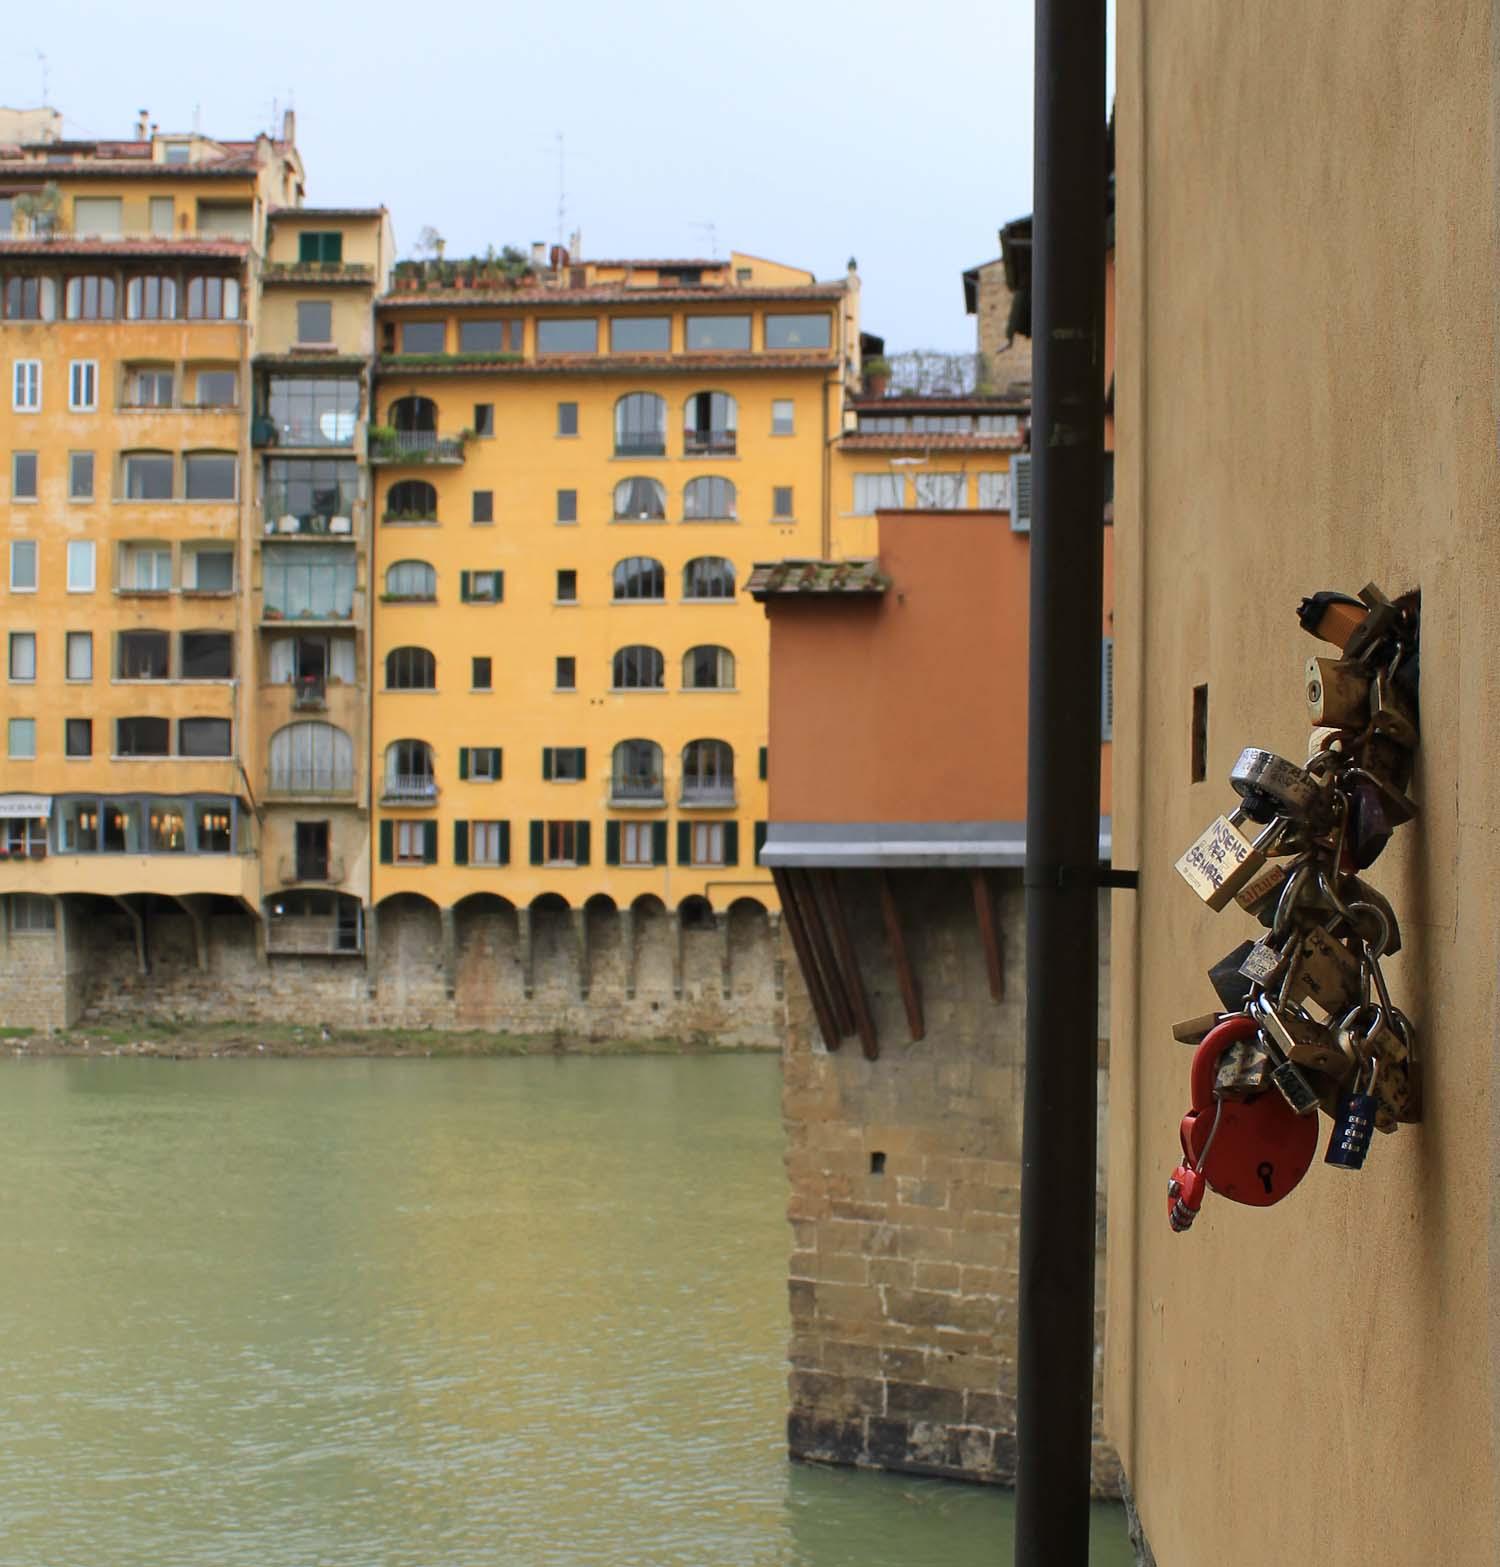 Italy love lock fad